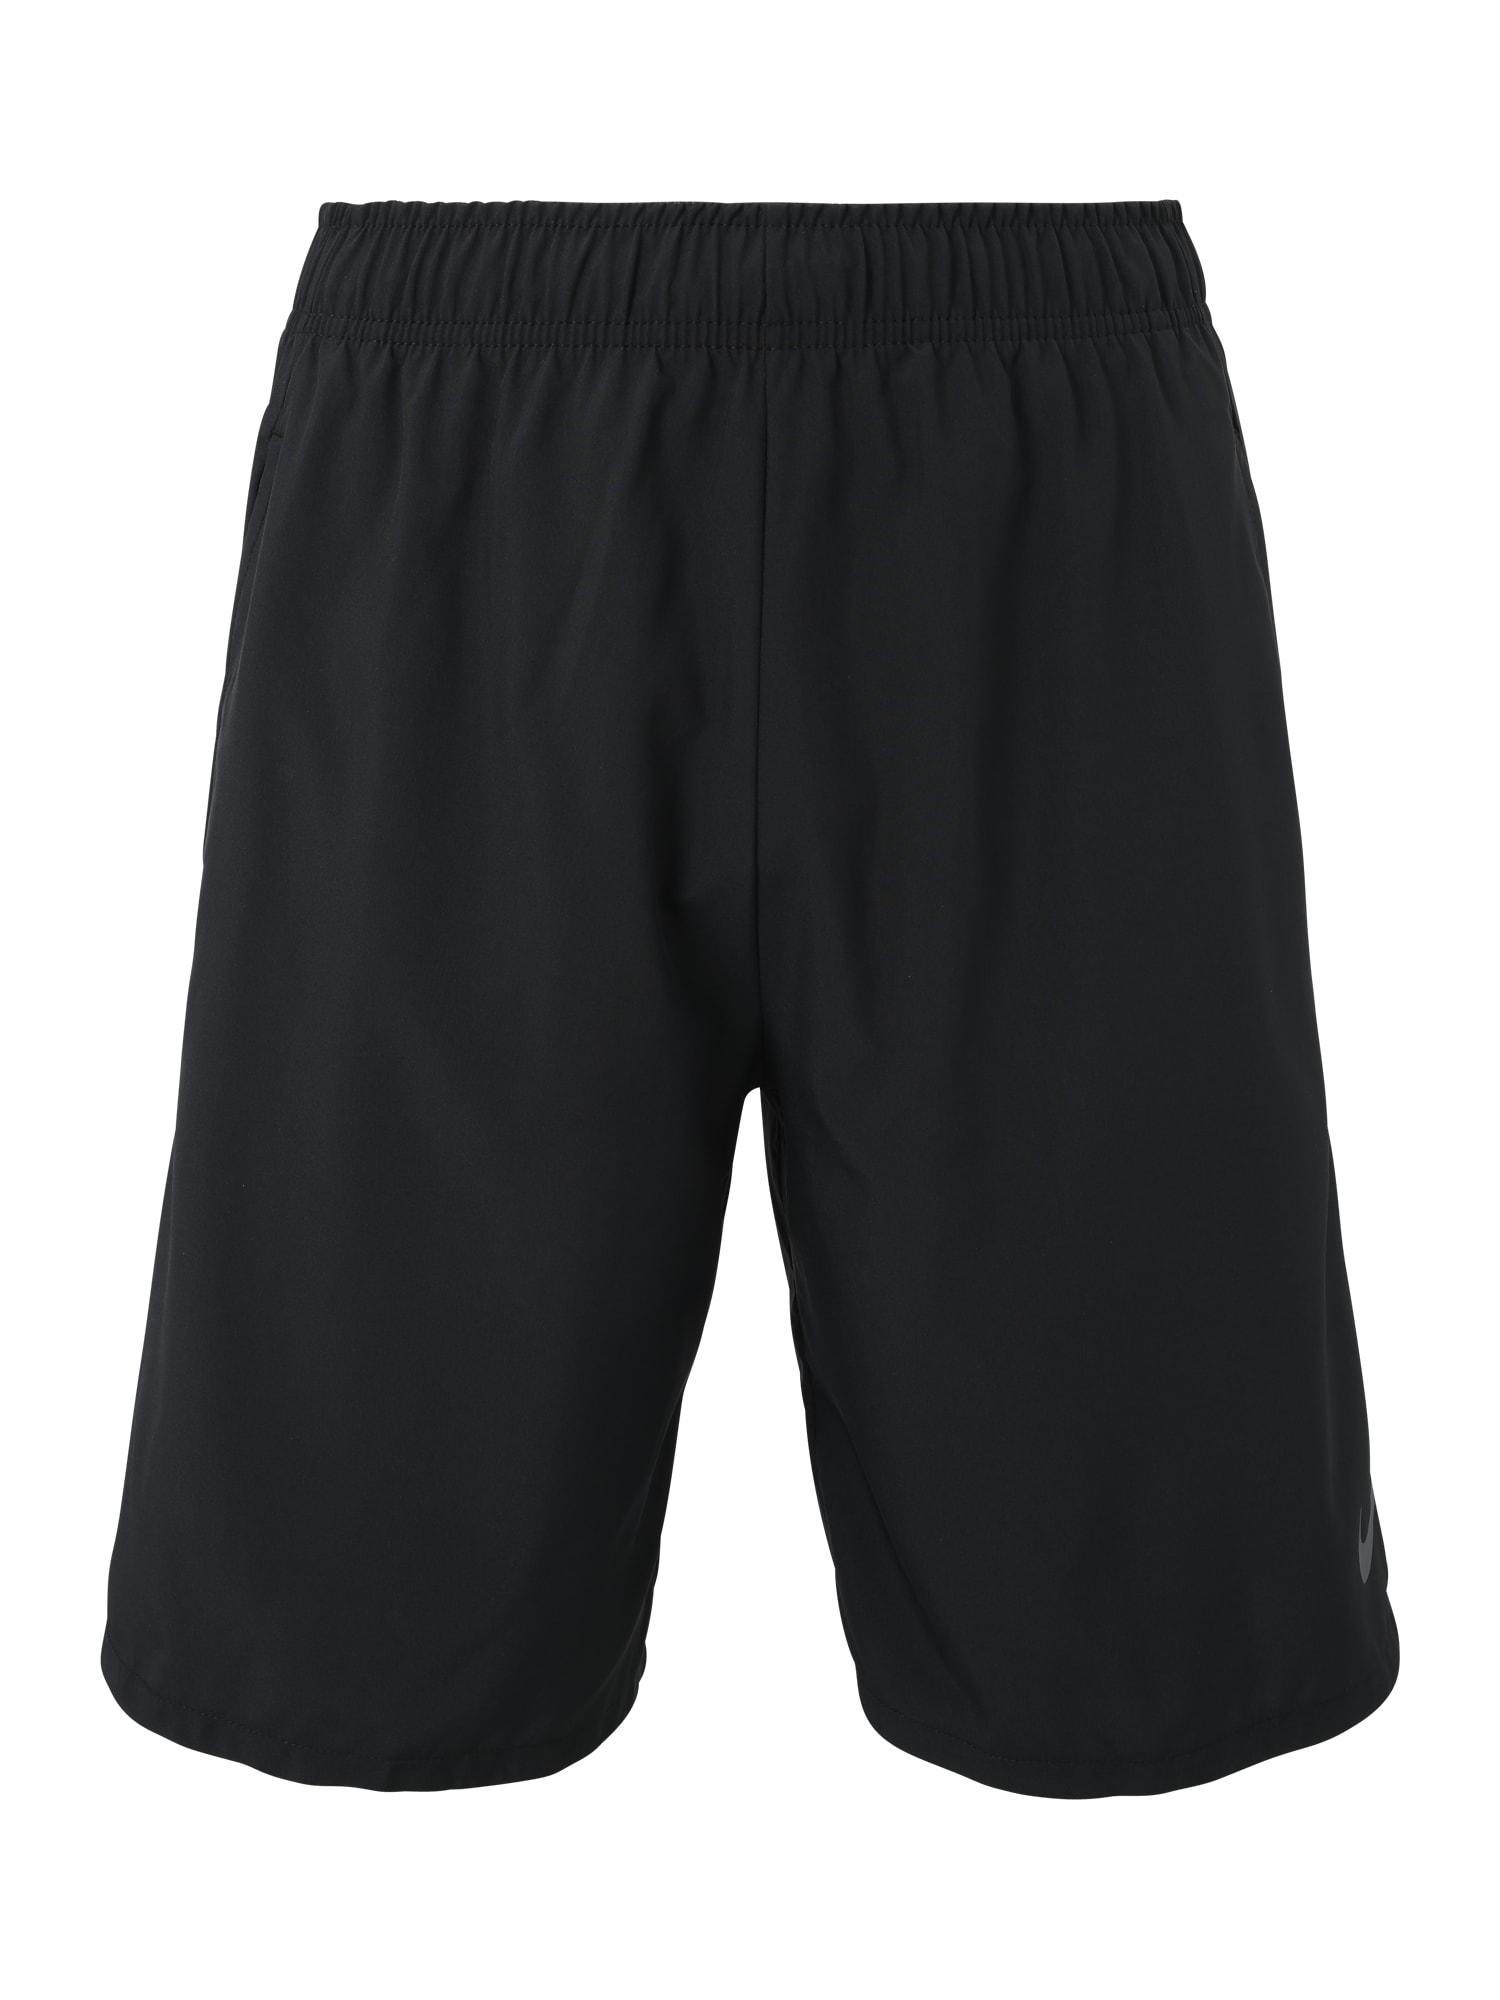 NIKE Sportinės kelnės 'Nike Flex' juoda / pilka